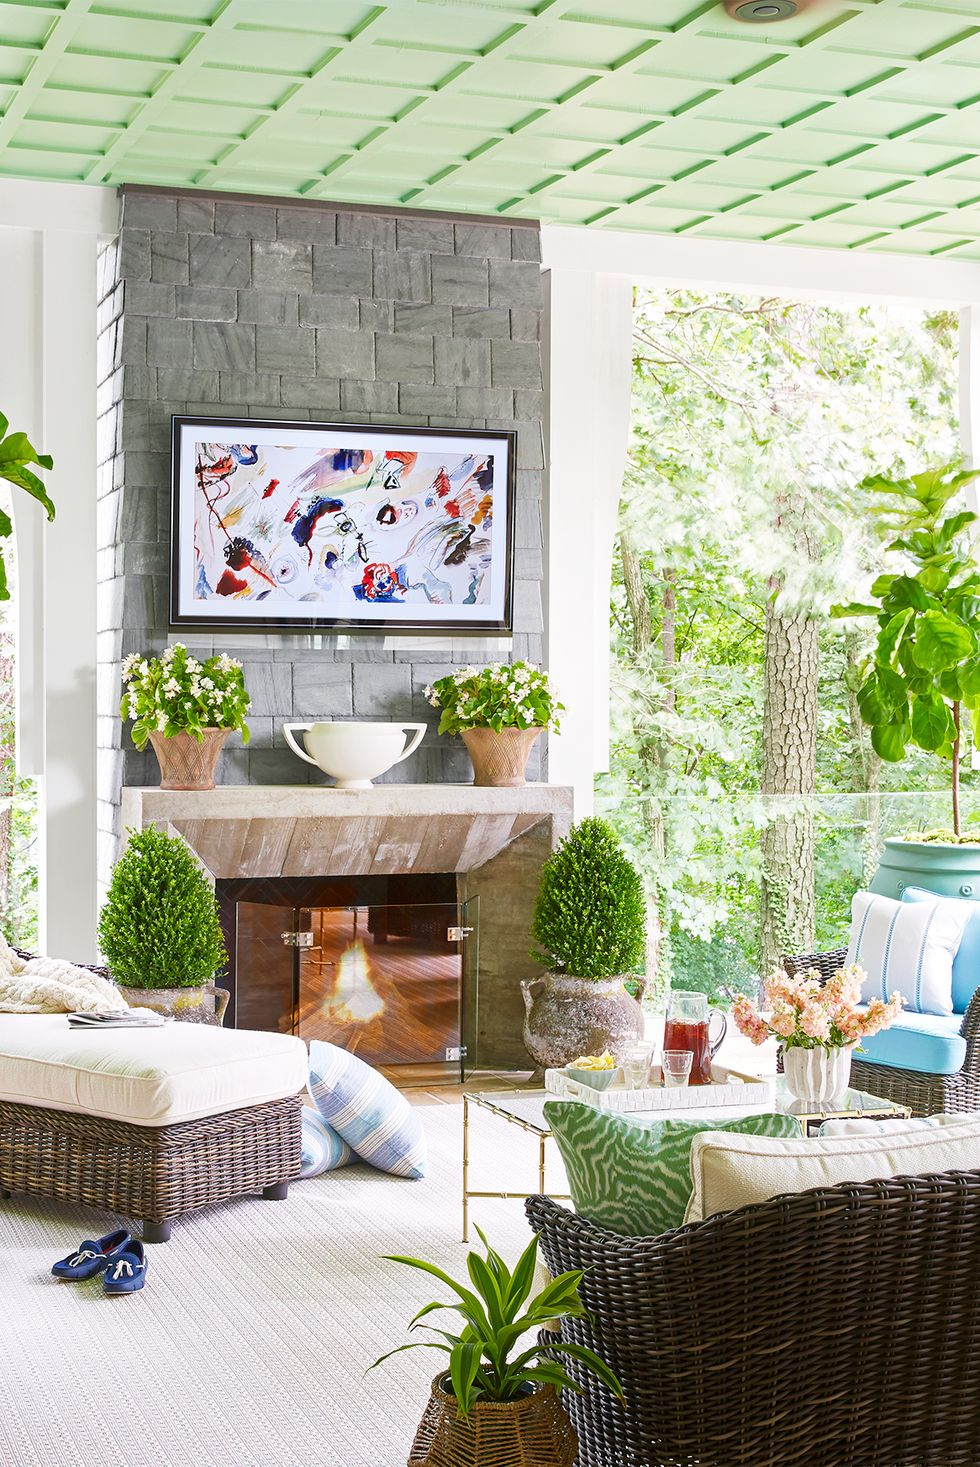 Thêm một lò sưởi Nếu hiên nhà của bạn đủ rộng, hãy thêm một lò sưởi và tivi để nó có thể hoạt động như một phòng khách hoặc gia đình ngoài trời. Hãy gợi ý từ mái hiên ngoài trời đầy lá này được thiết kế bởi Sherry Hart và Jennifer Jones Condon và được xây dựng bởi Ladisic Fine Homes.